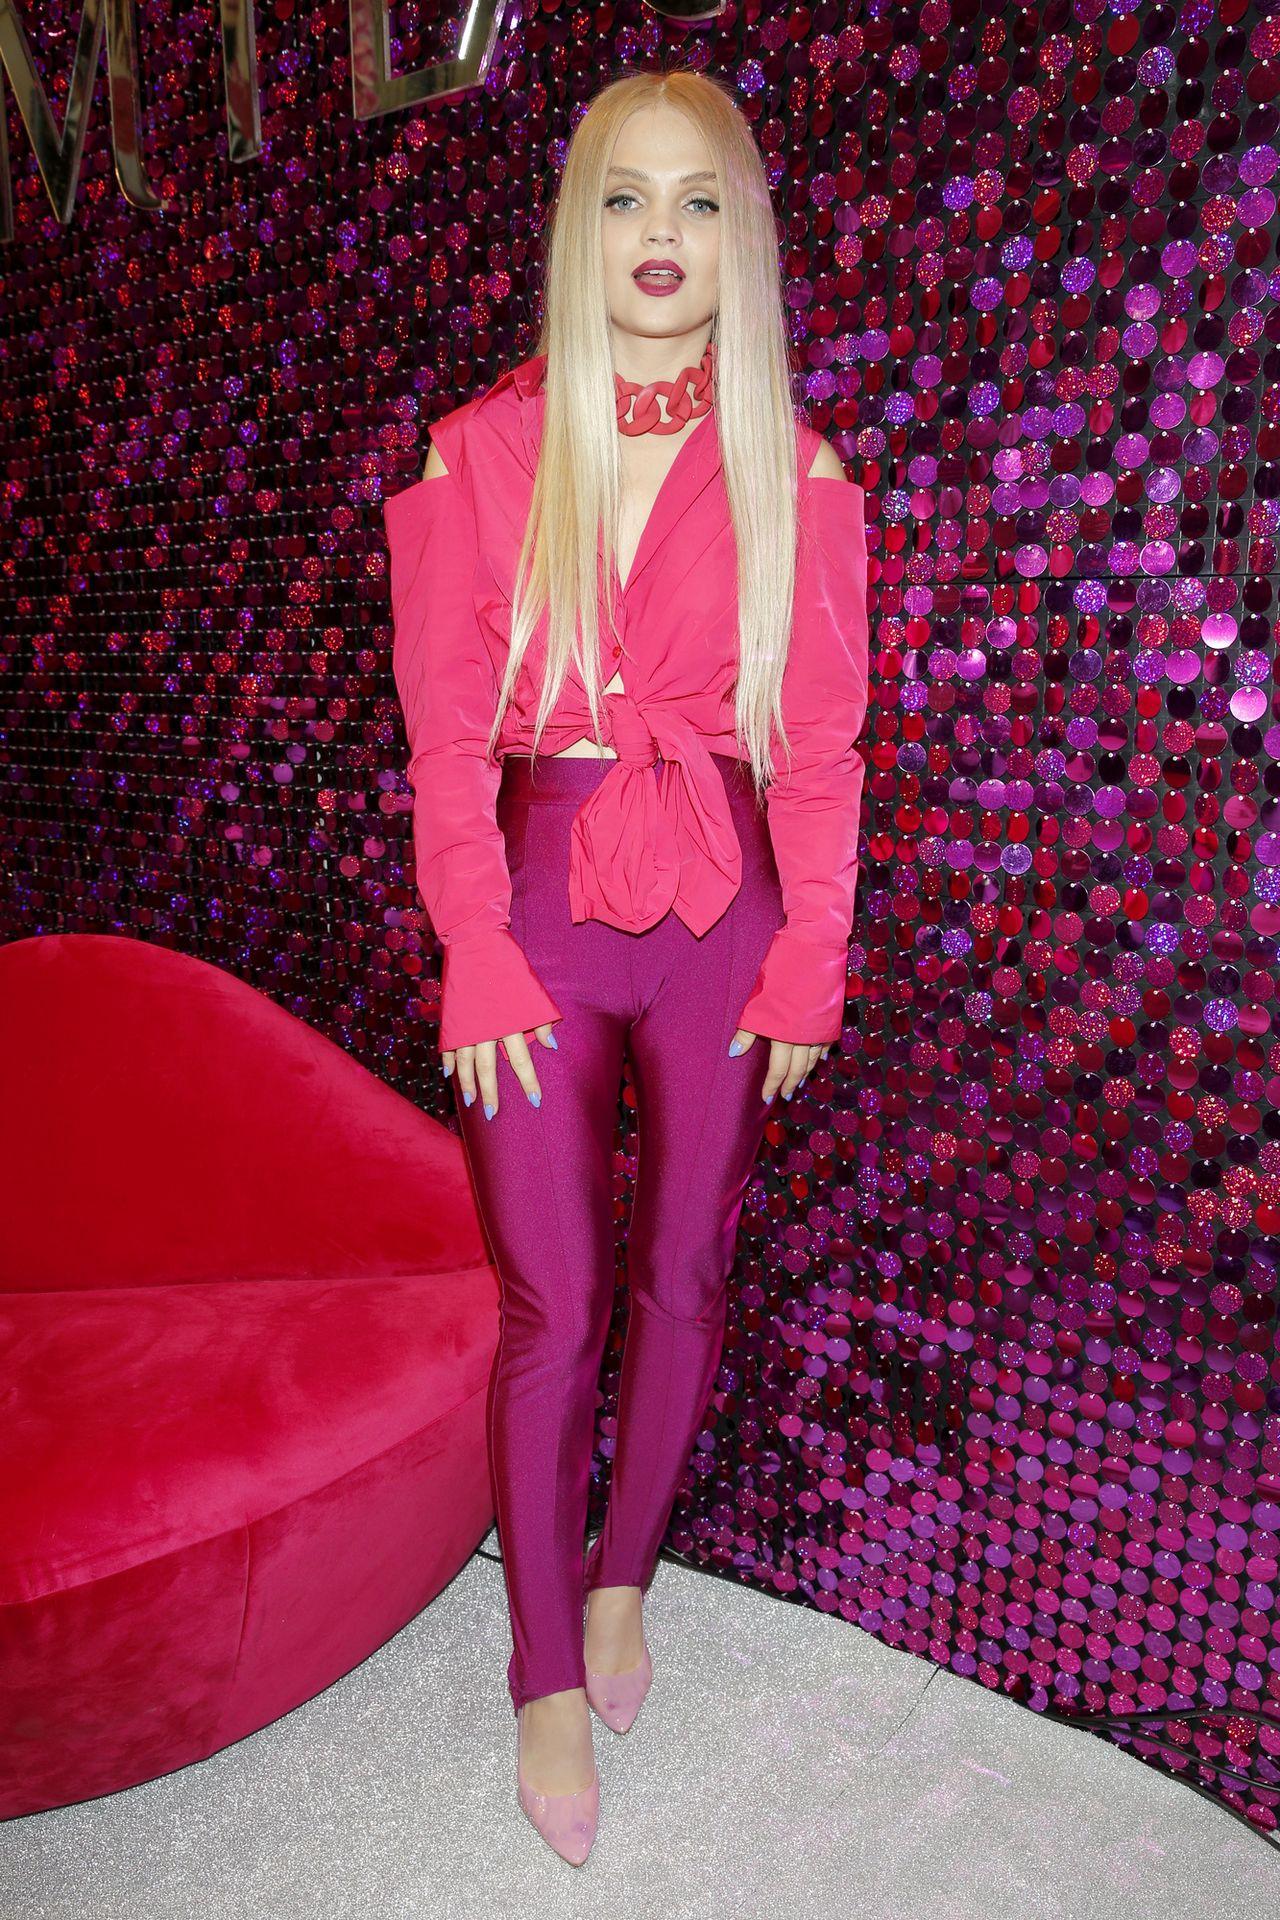 Czerwona krata Ewy Farnej i różowa tunika Górniak - gwiazdy na targach BEAUTY